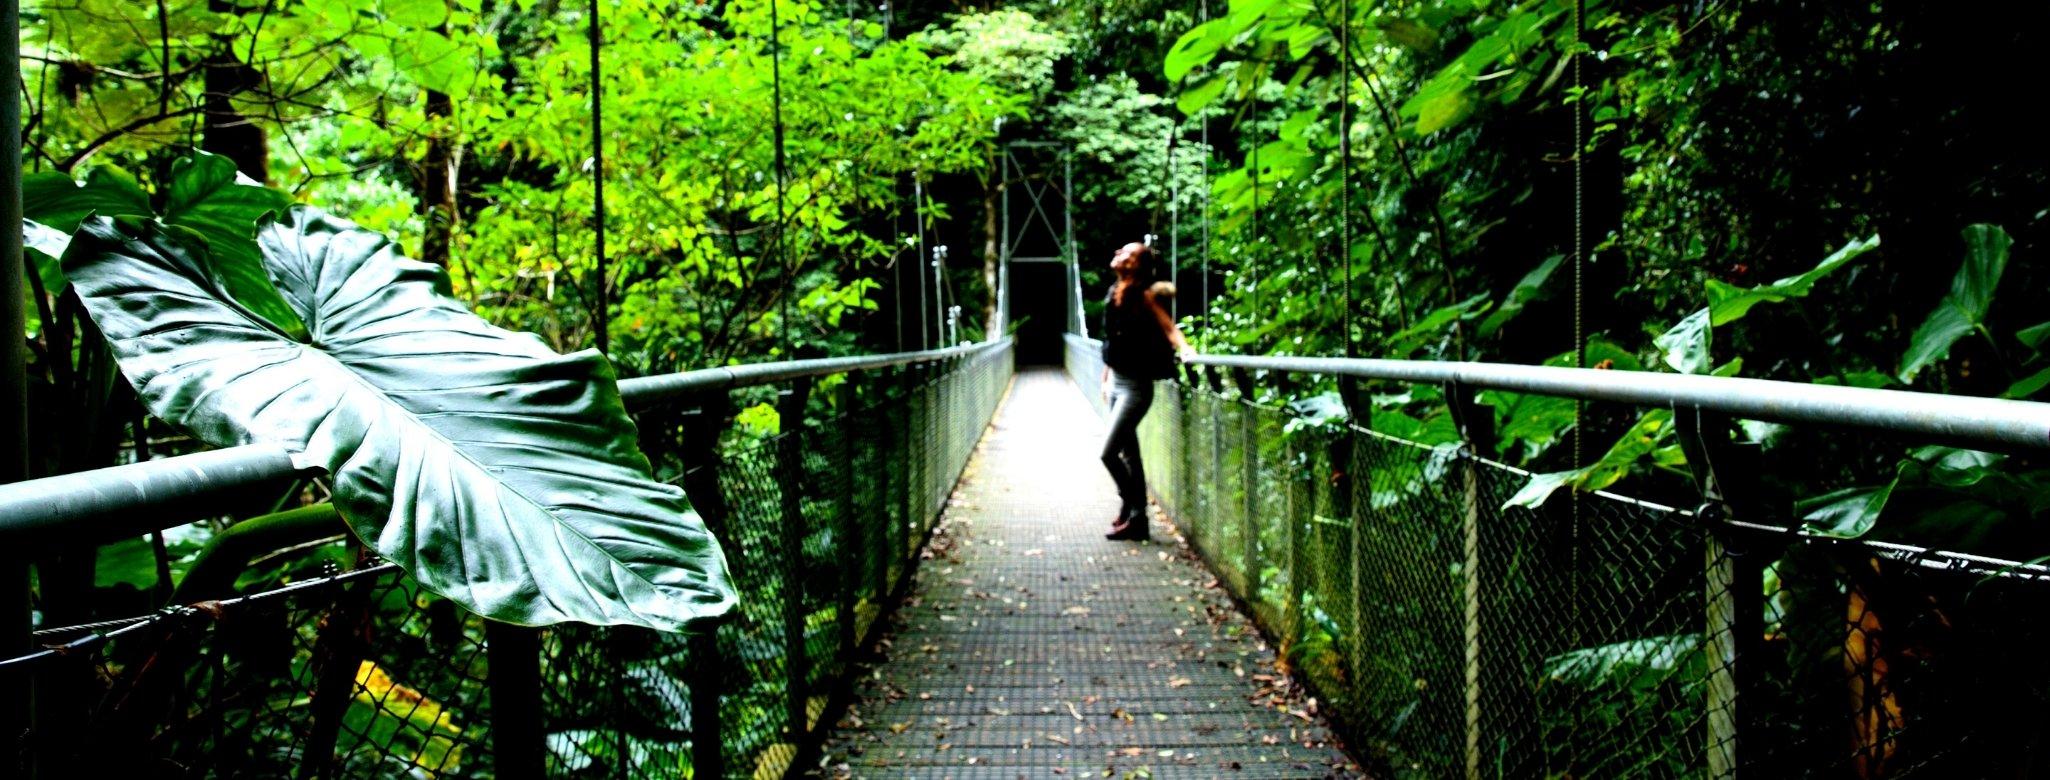 Crystal Showers Walk, Dorrigo National Park, New South Wales